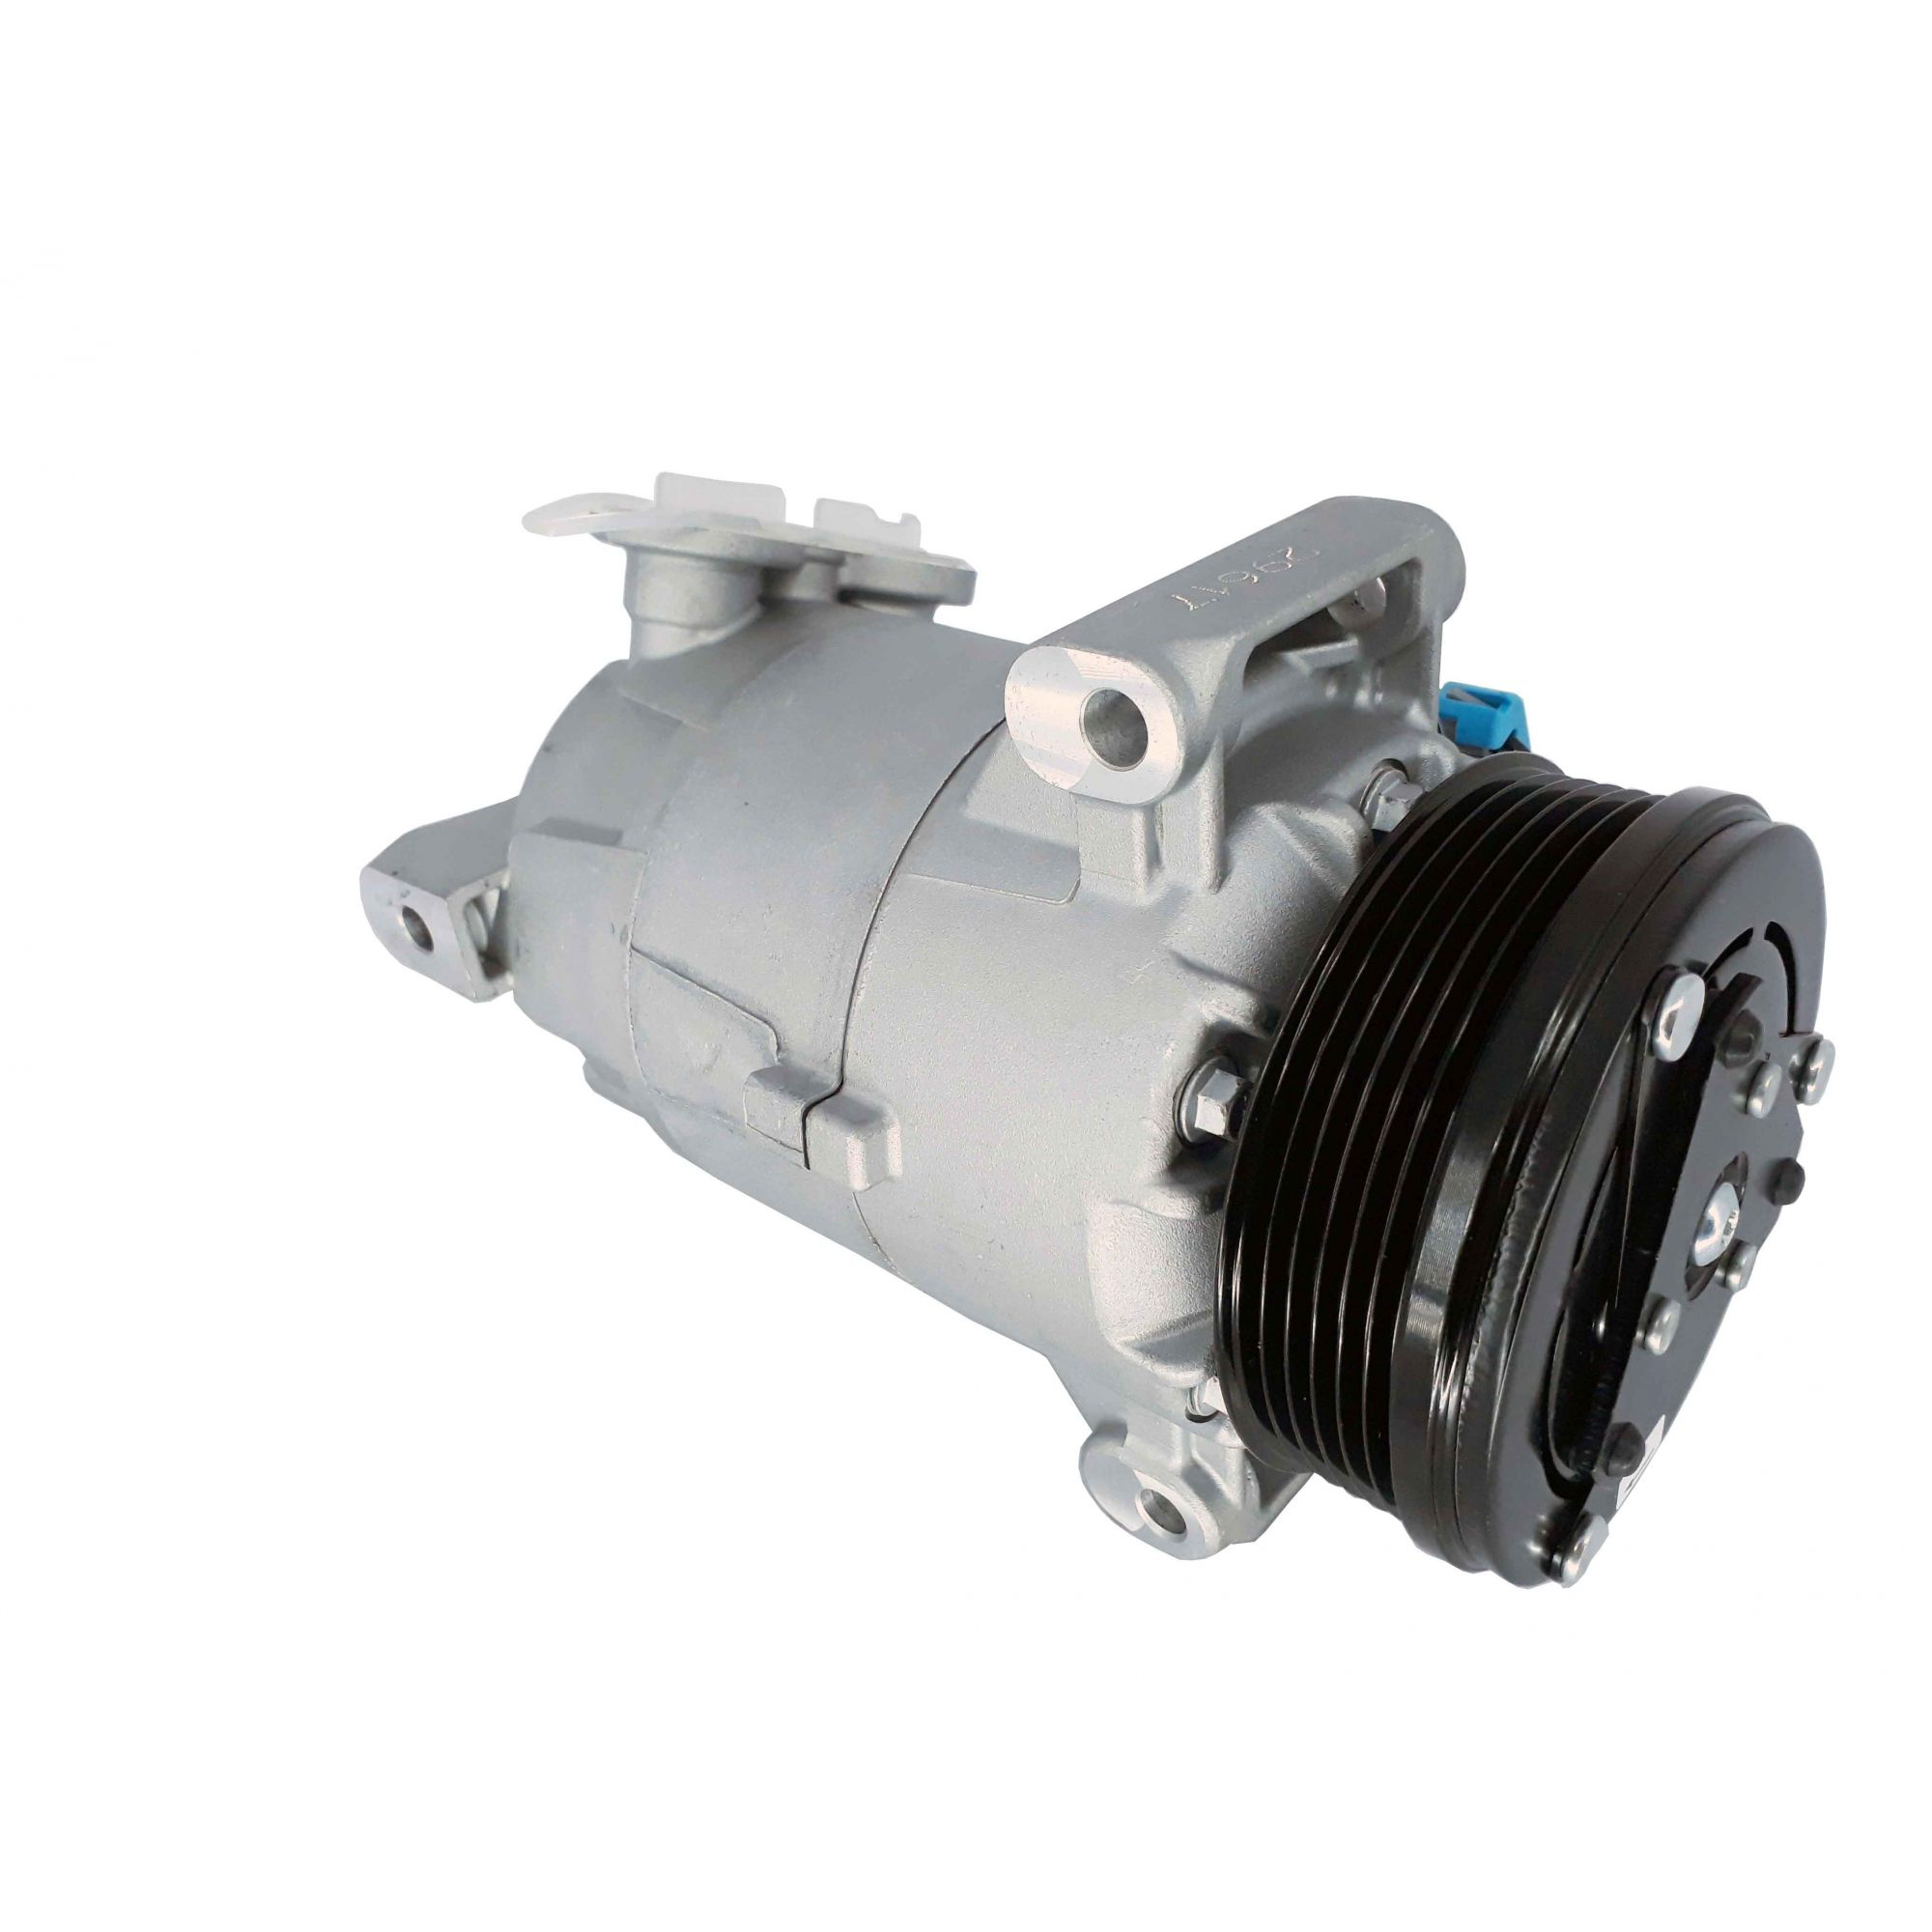 Compressor S10 2.4 Gas / 2.8 Diesel + Válvula de expansão - Original DELPHI